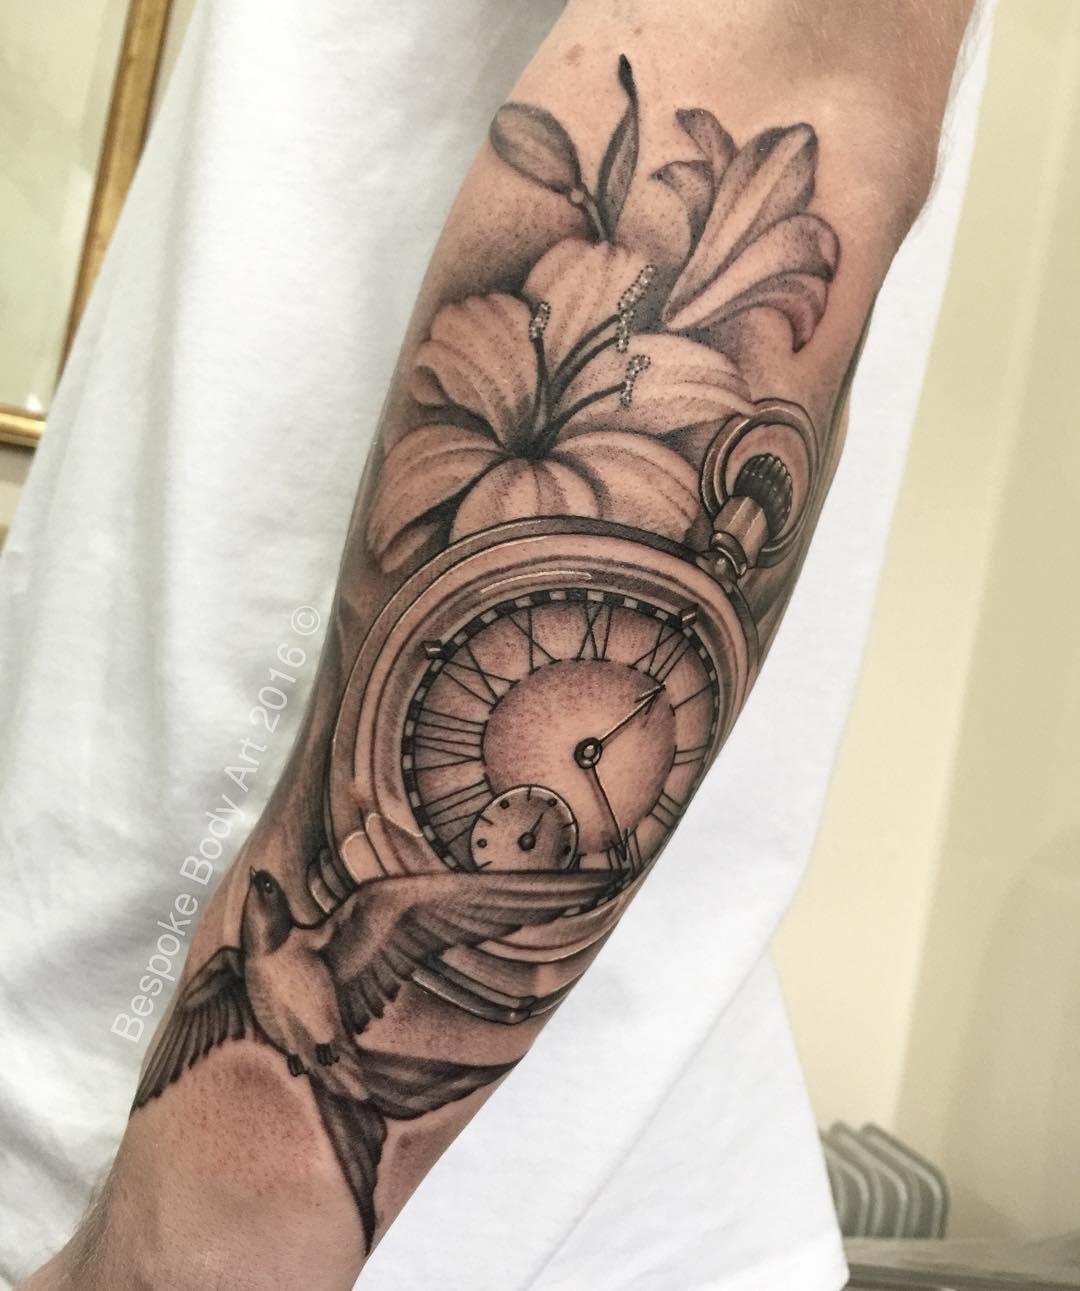 Tatuagens no Braço (@tatuagensnobraco) Cover Image